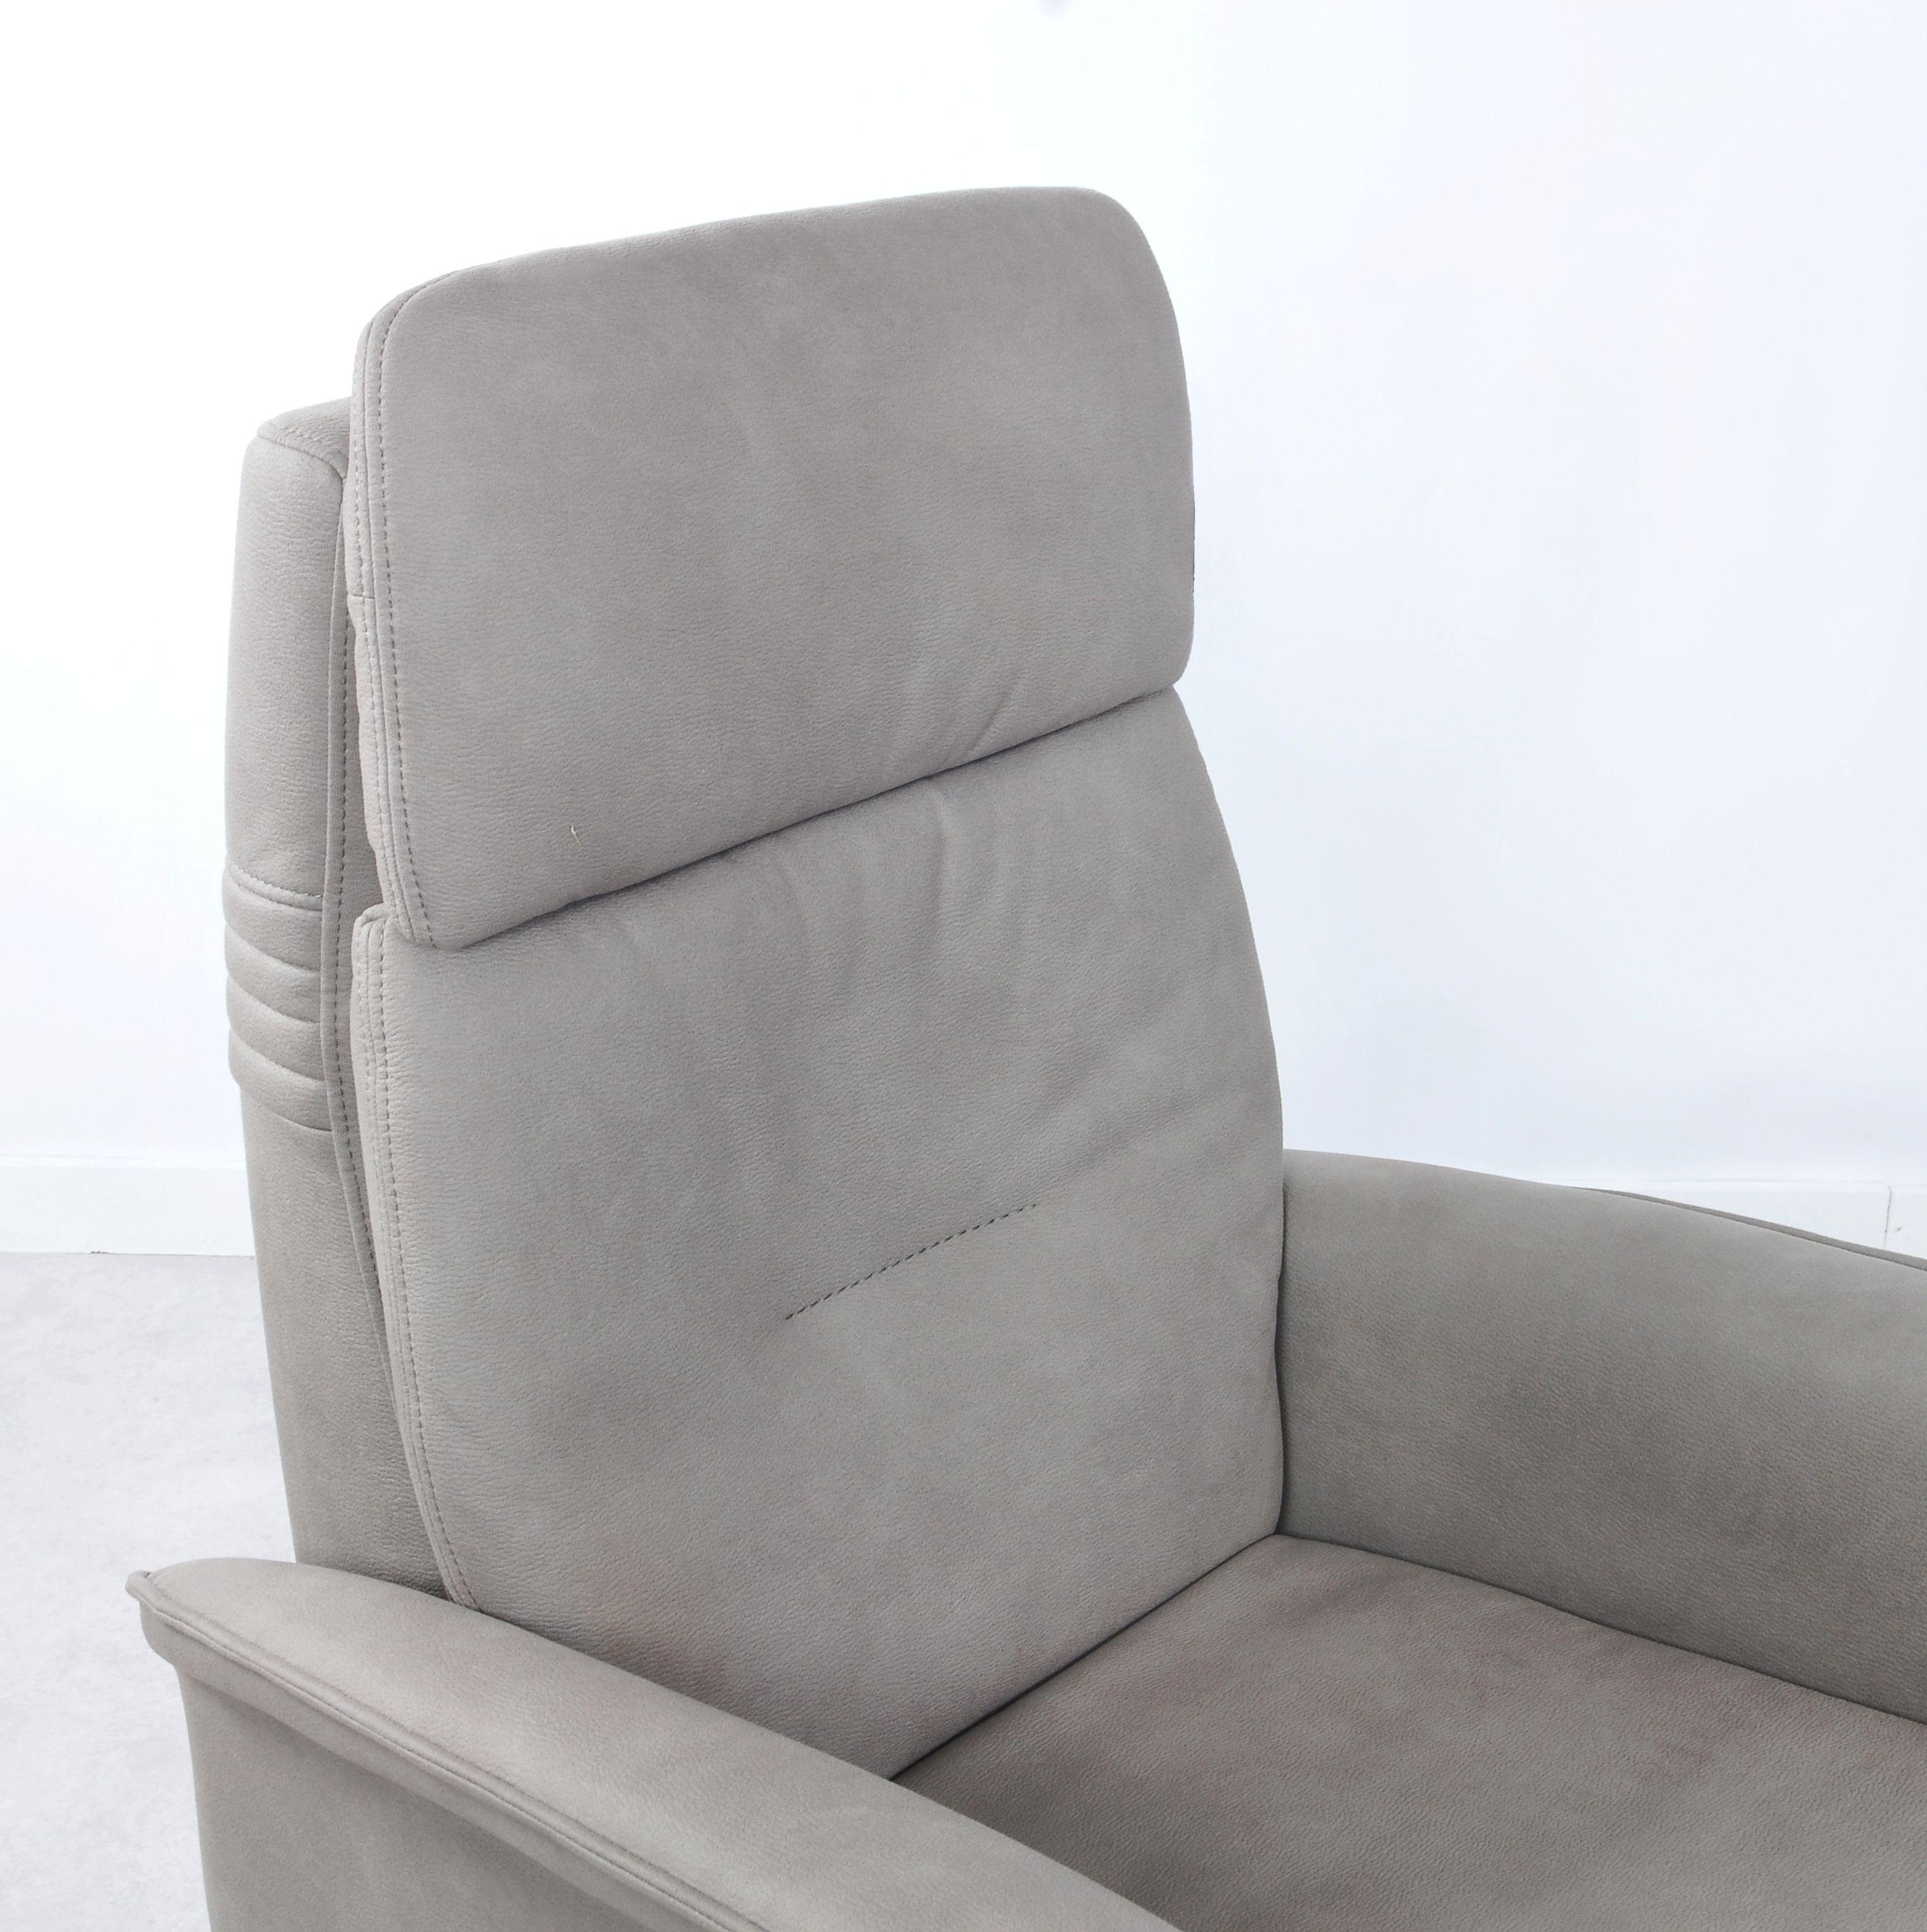 Riser recliner chair R 122